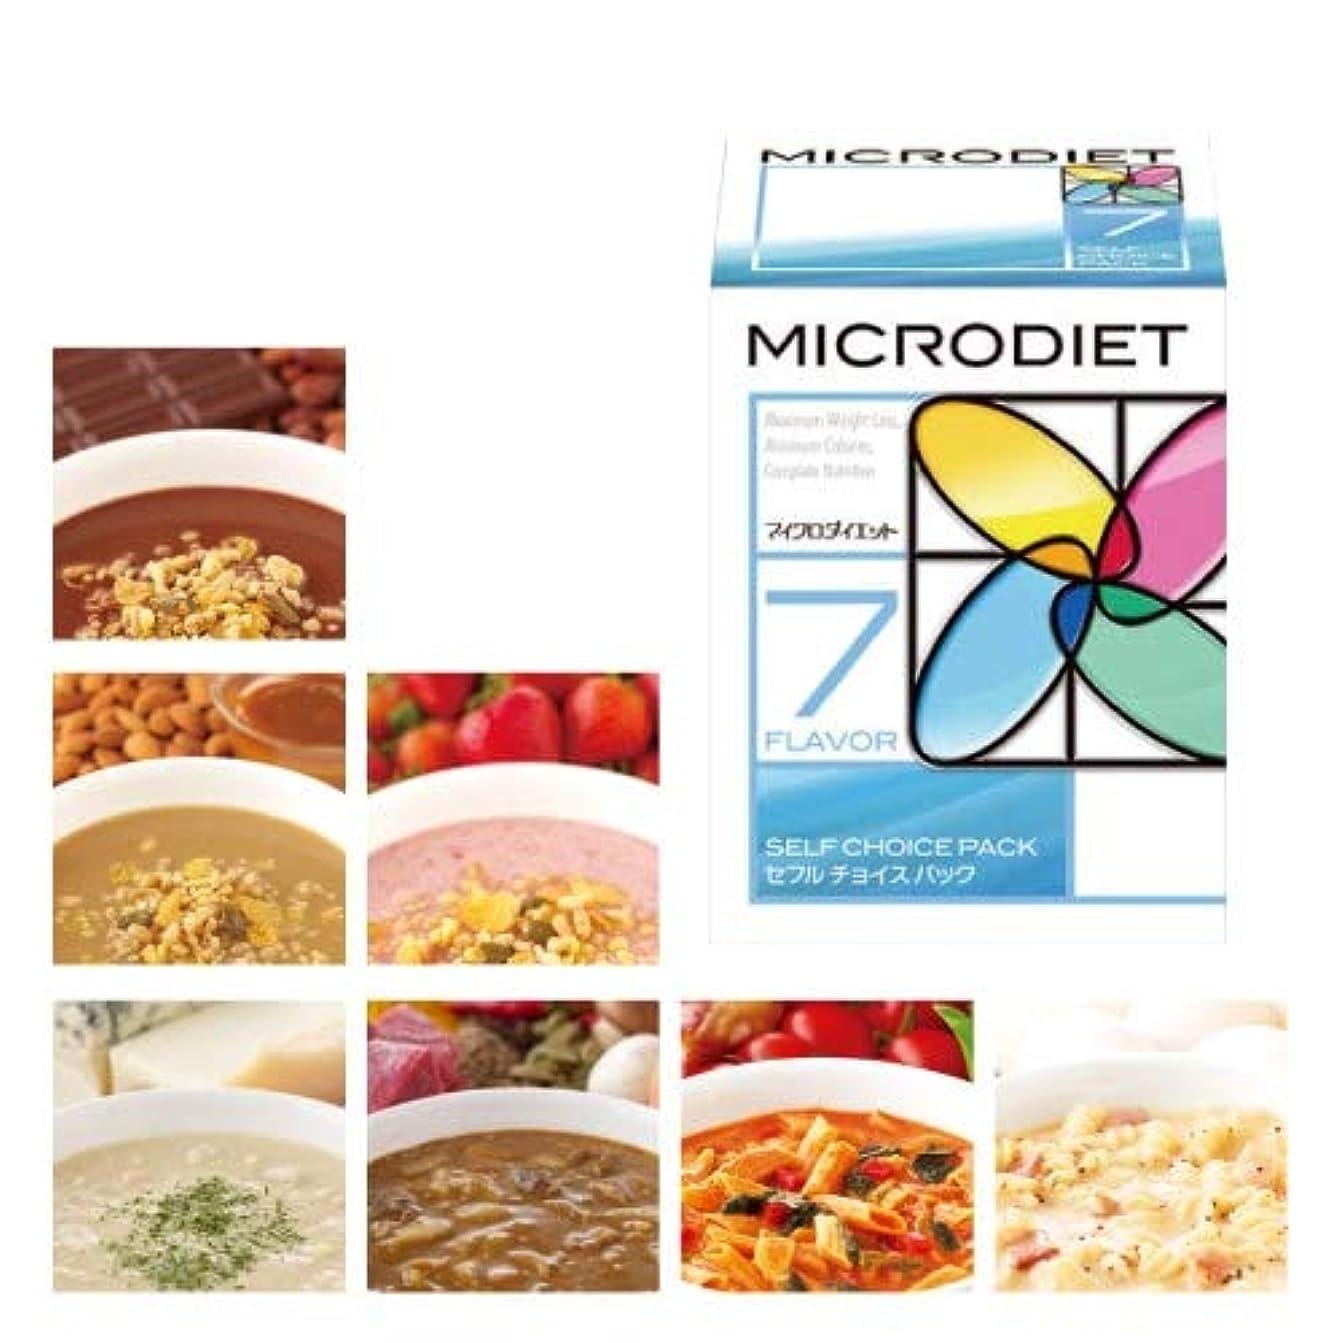 気分が良いジャンプするの頭の上マイクロダイエット MICRODIET リゾパス&シリアル(ミックス)7食